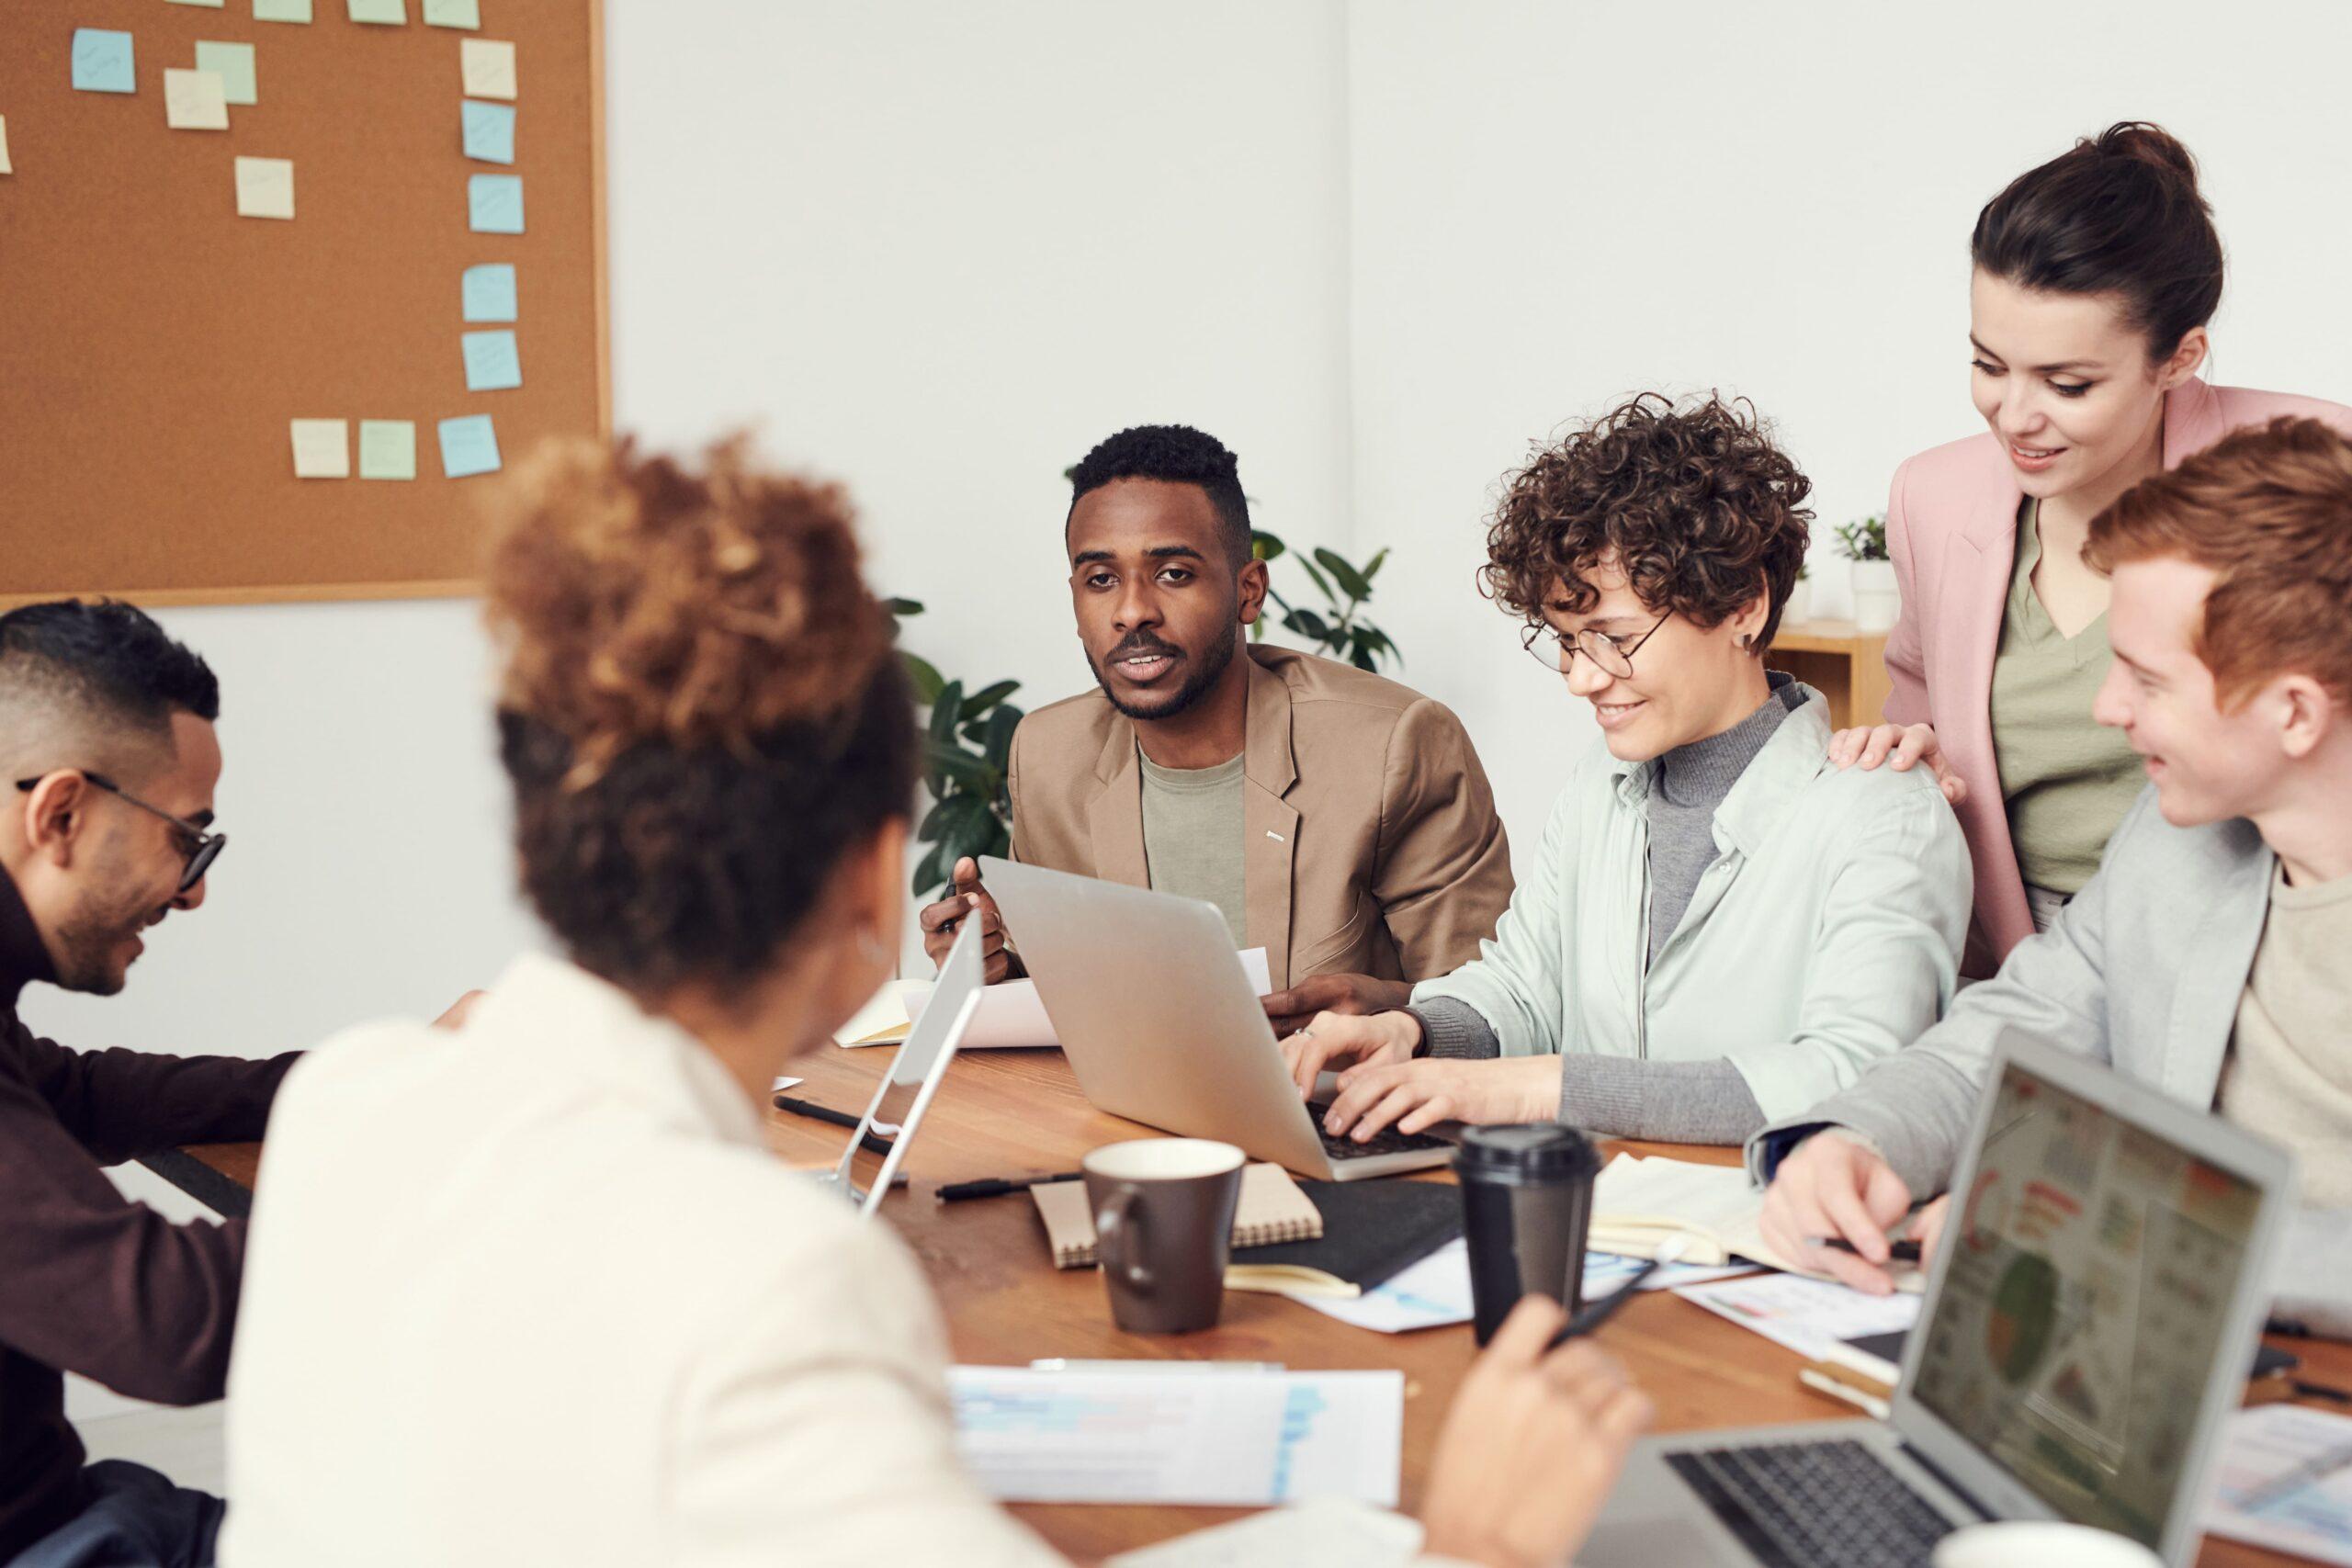 divers_team_werkvloer_meeting